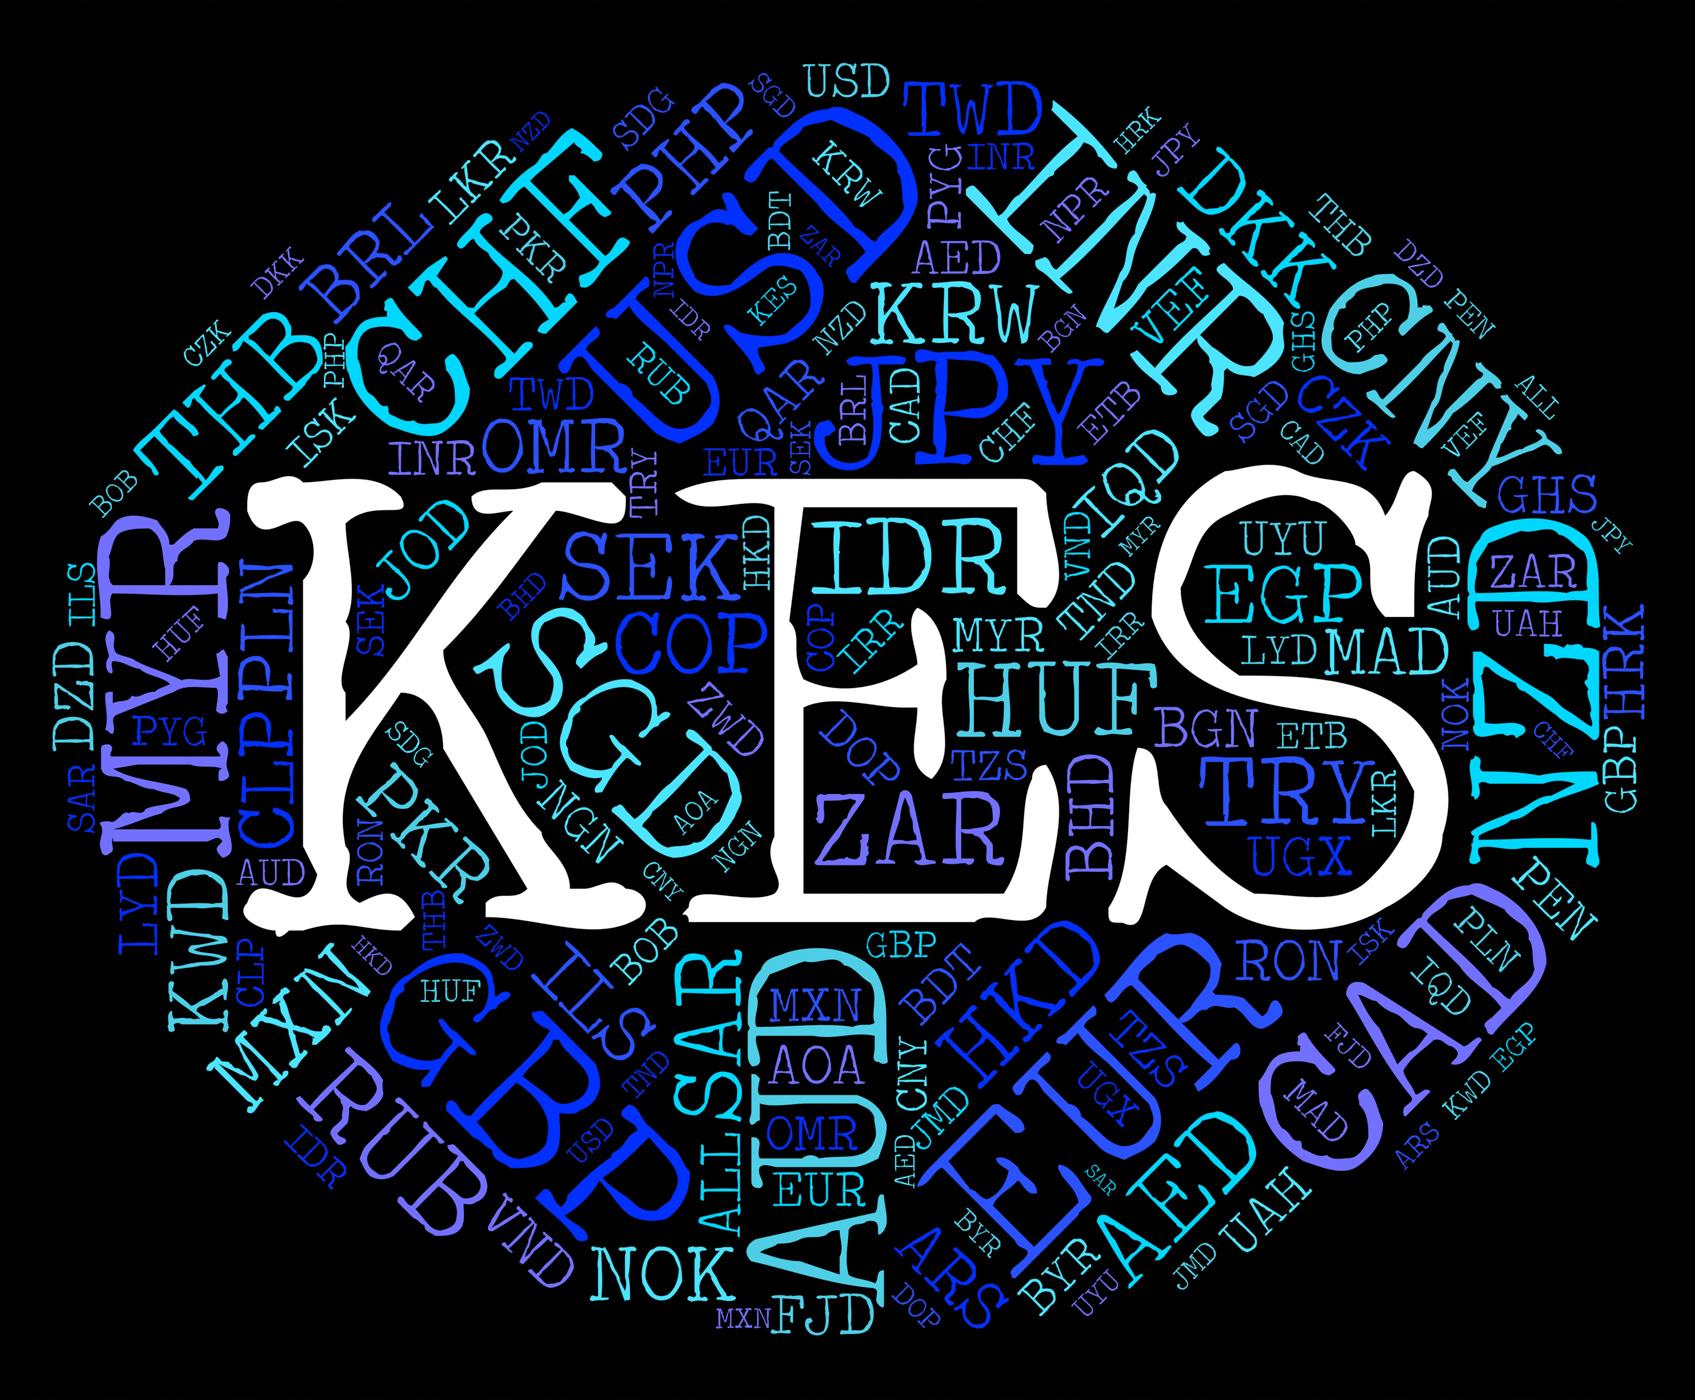 Kes currency represents kenya shilling and broker photo